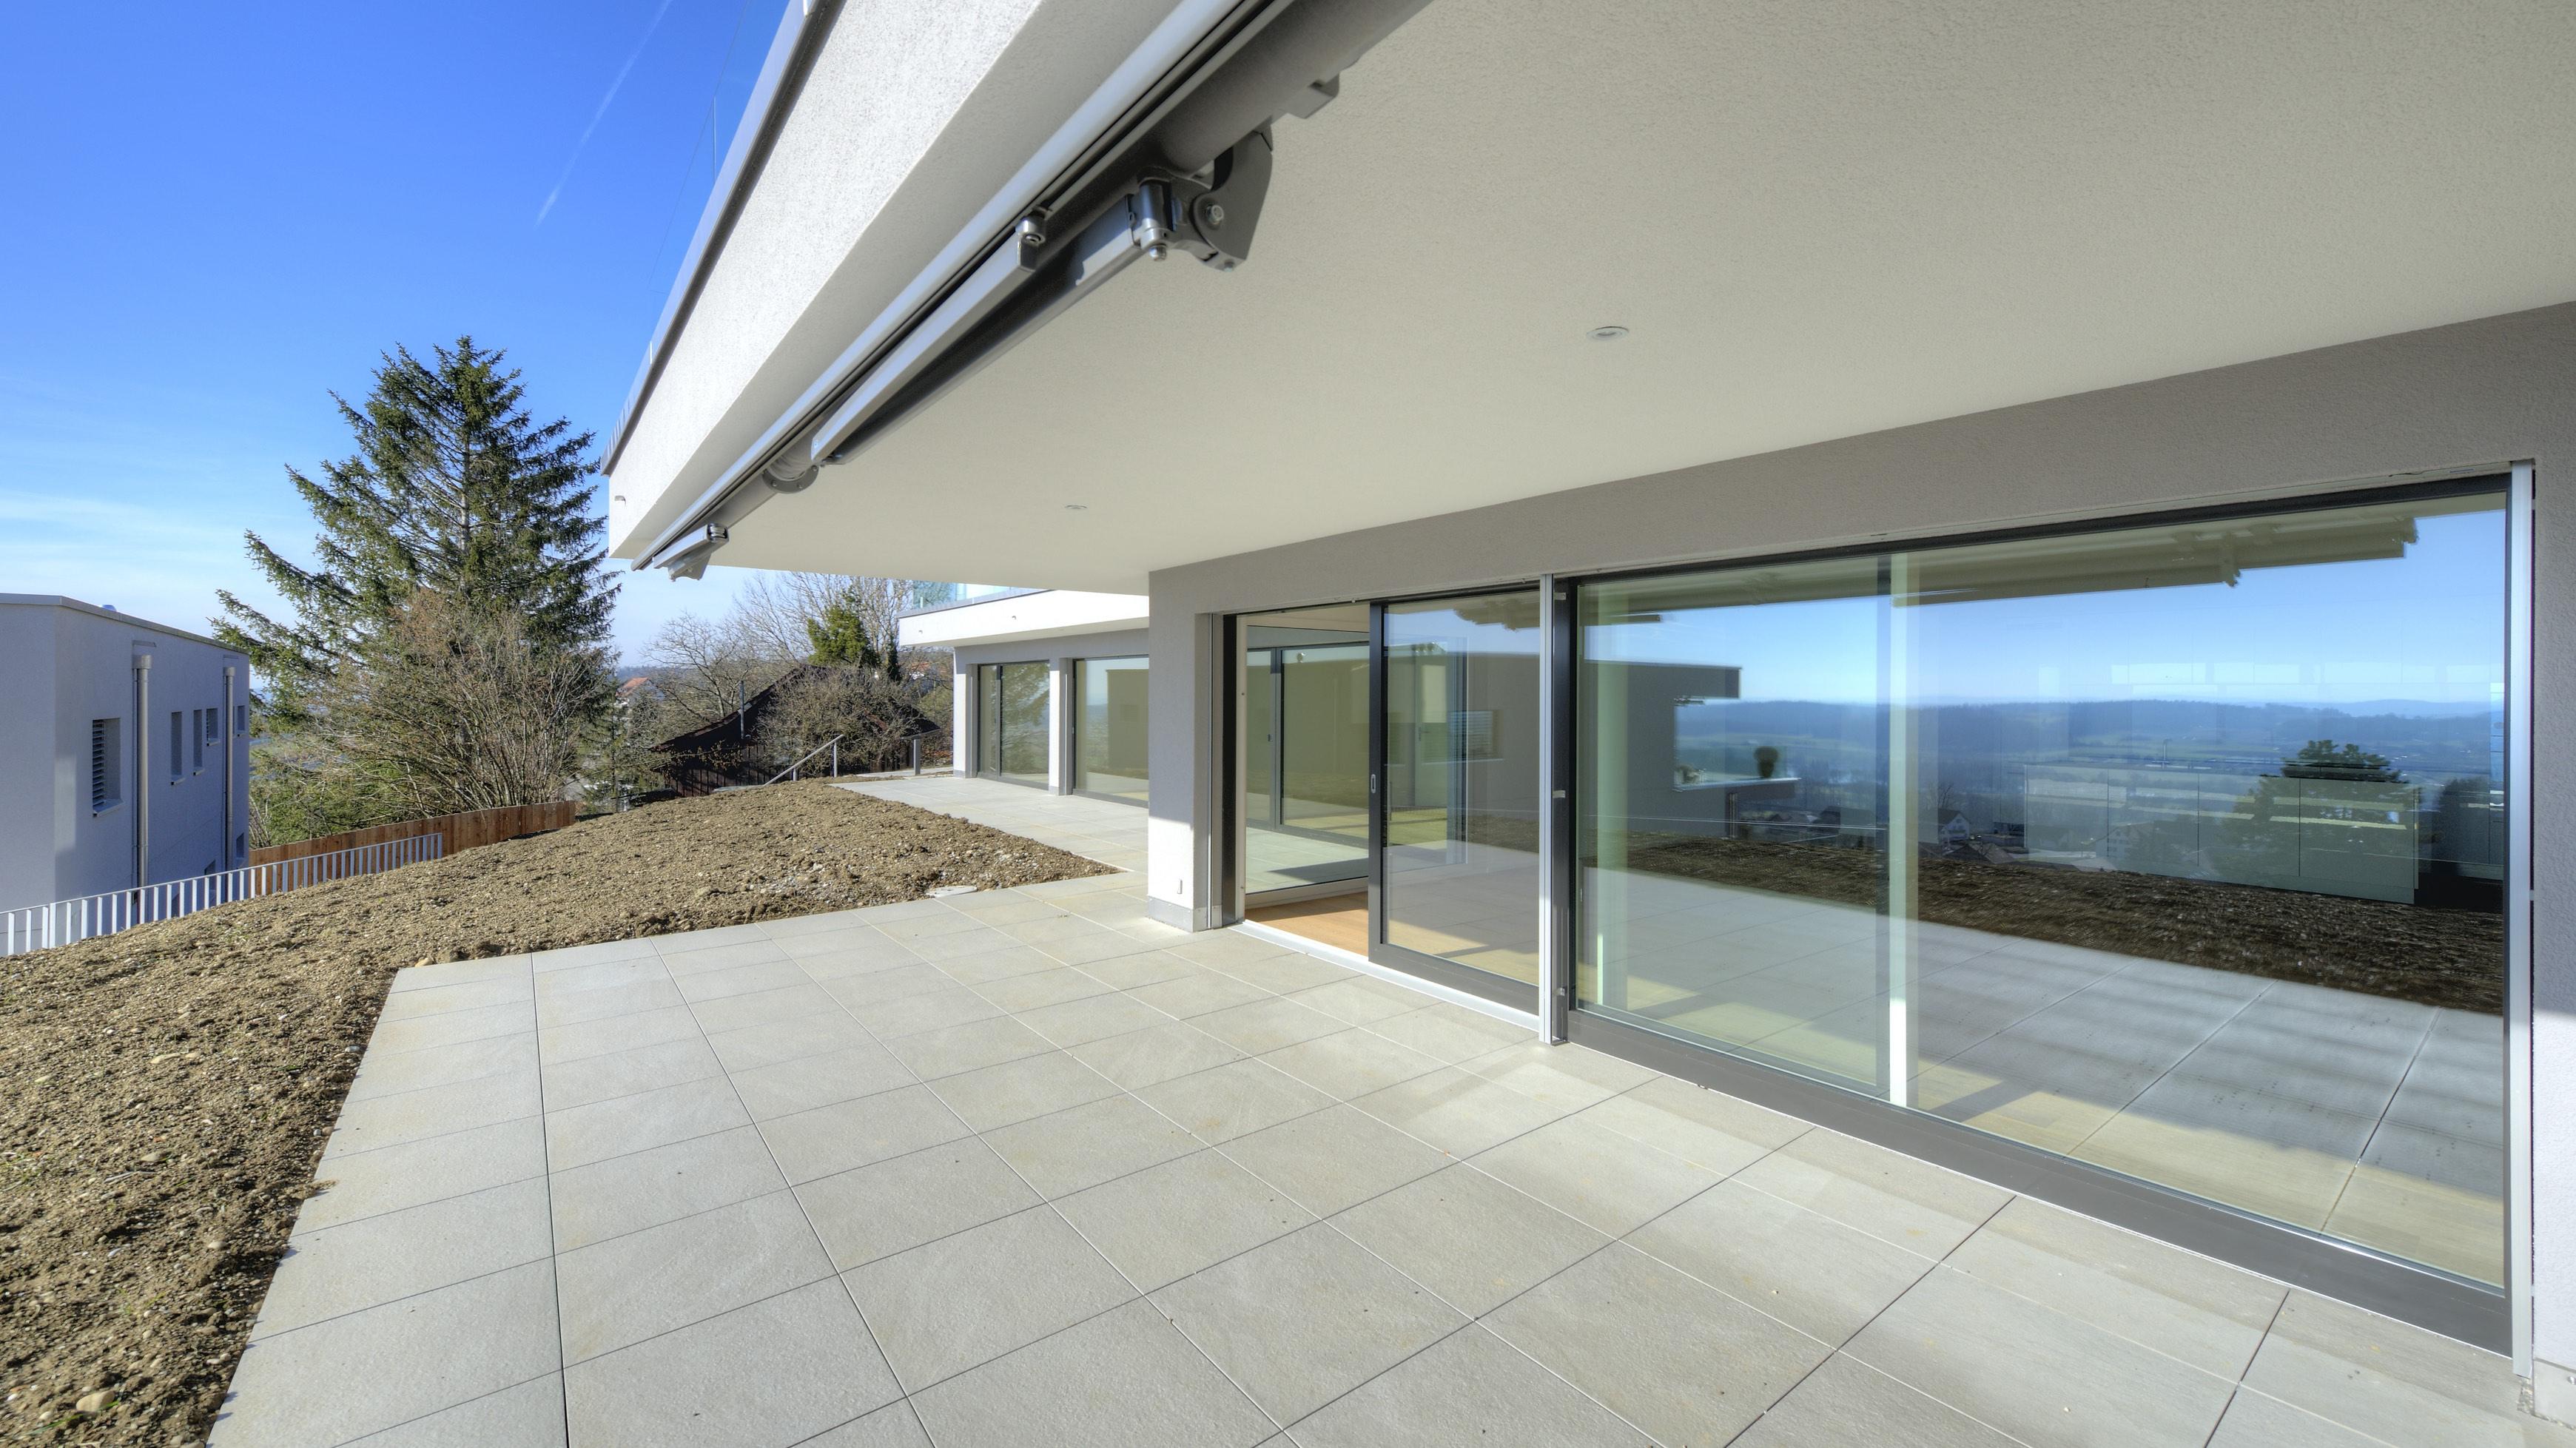 Gedeckter SItzplatz mit der Terrasse und dem Wohnbereich